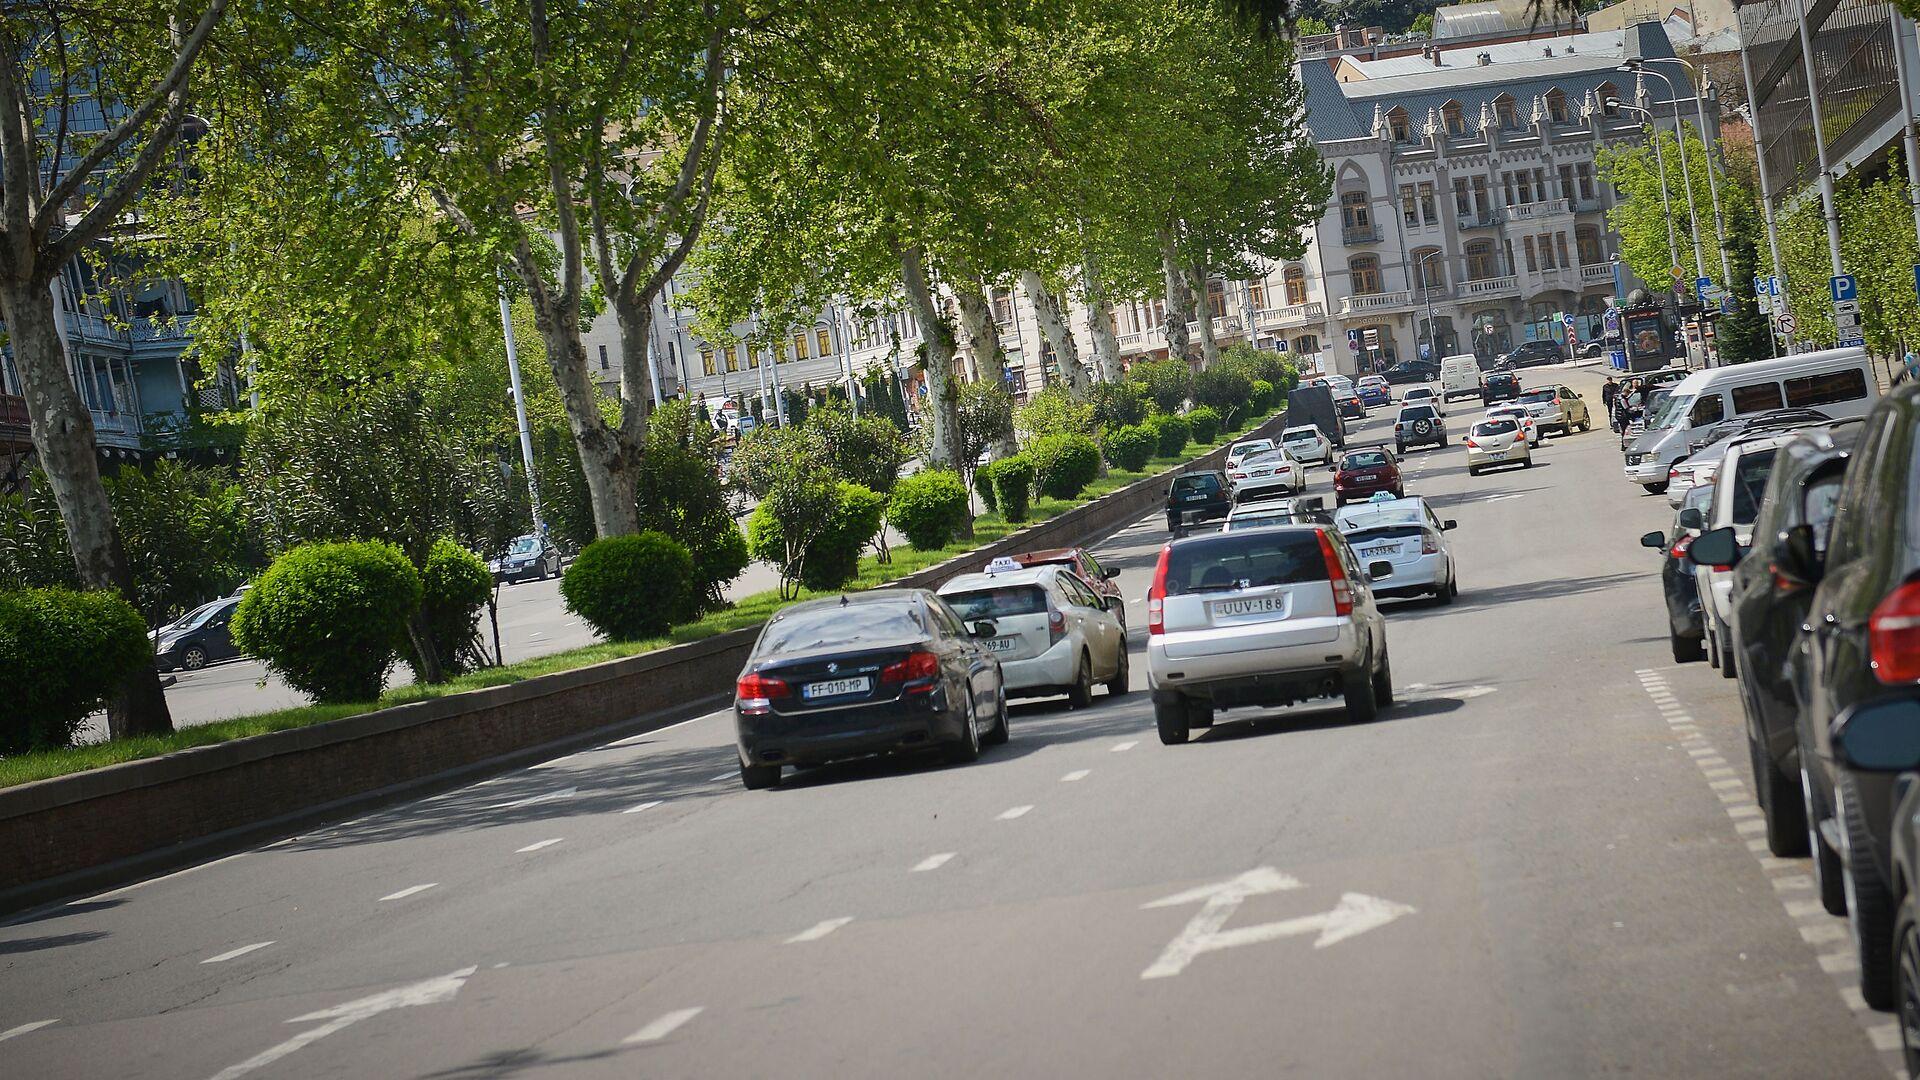 Машины едут в сторону проспекта Руставели в Тбилиси - Sputnik Грузия, 1920, 22.09.2021